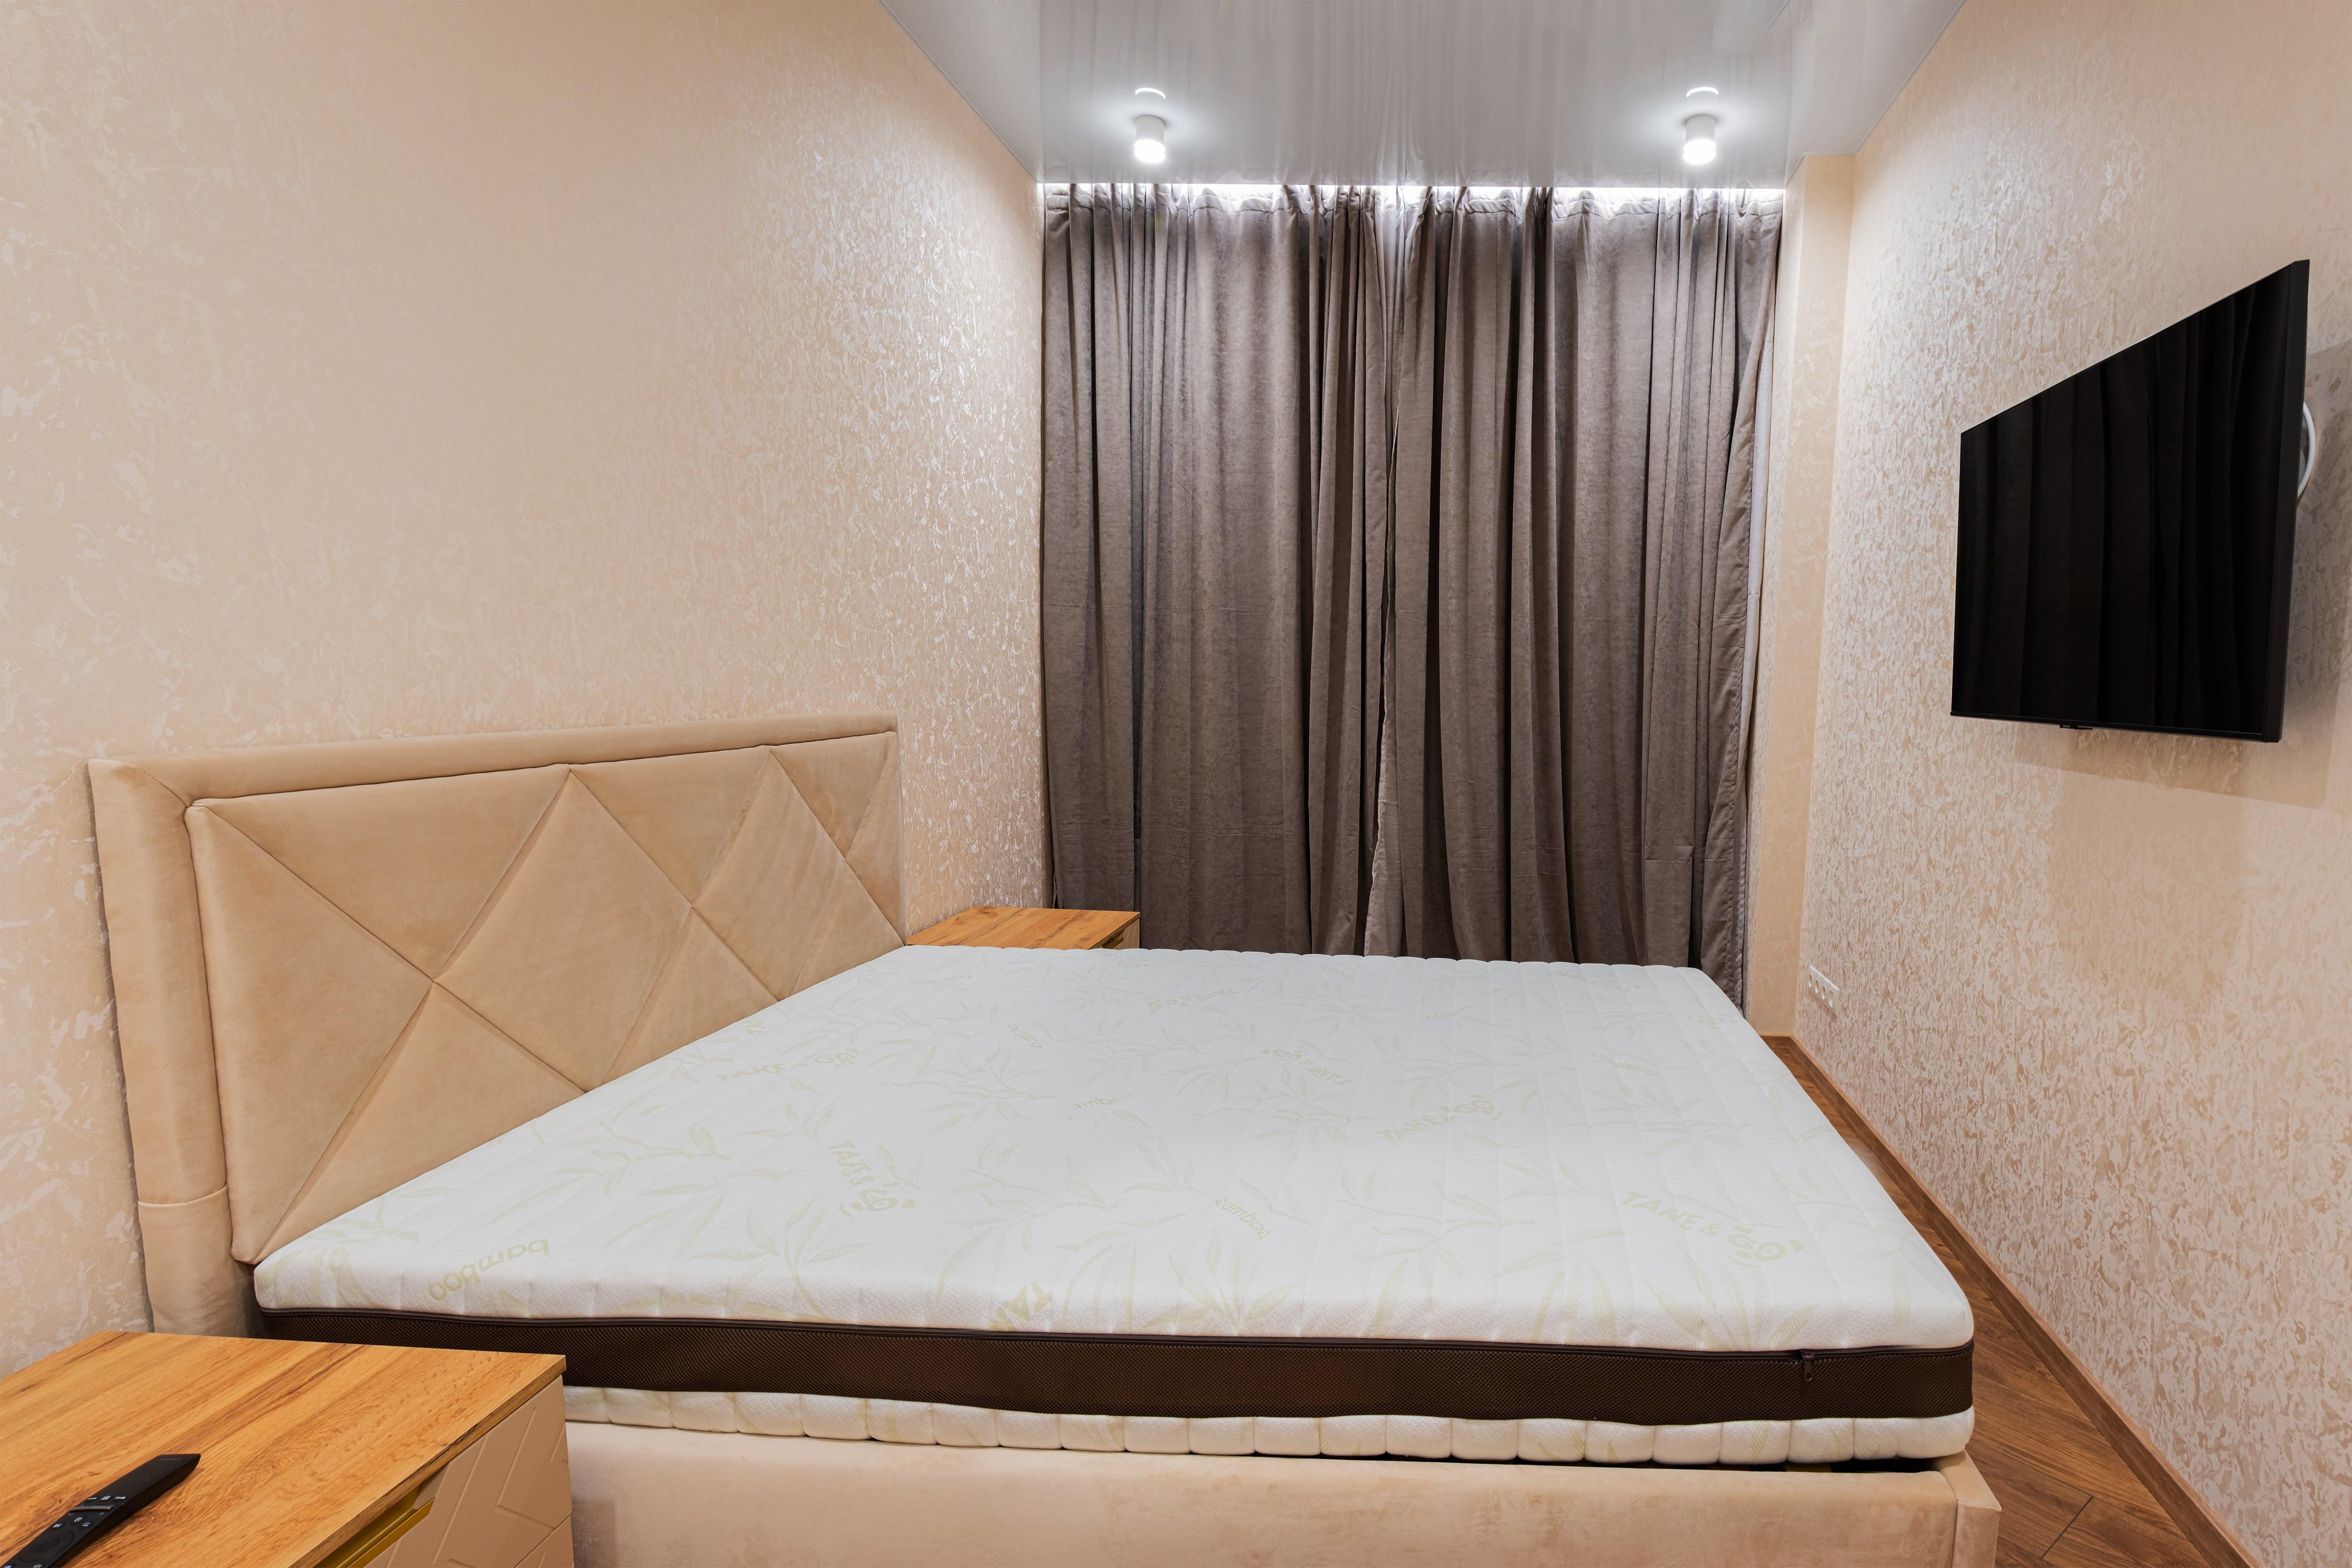 Спальная комната после ремонта в ЖК 40 Жемчужина